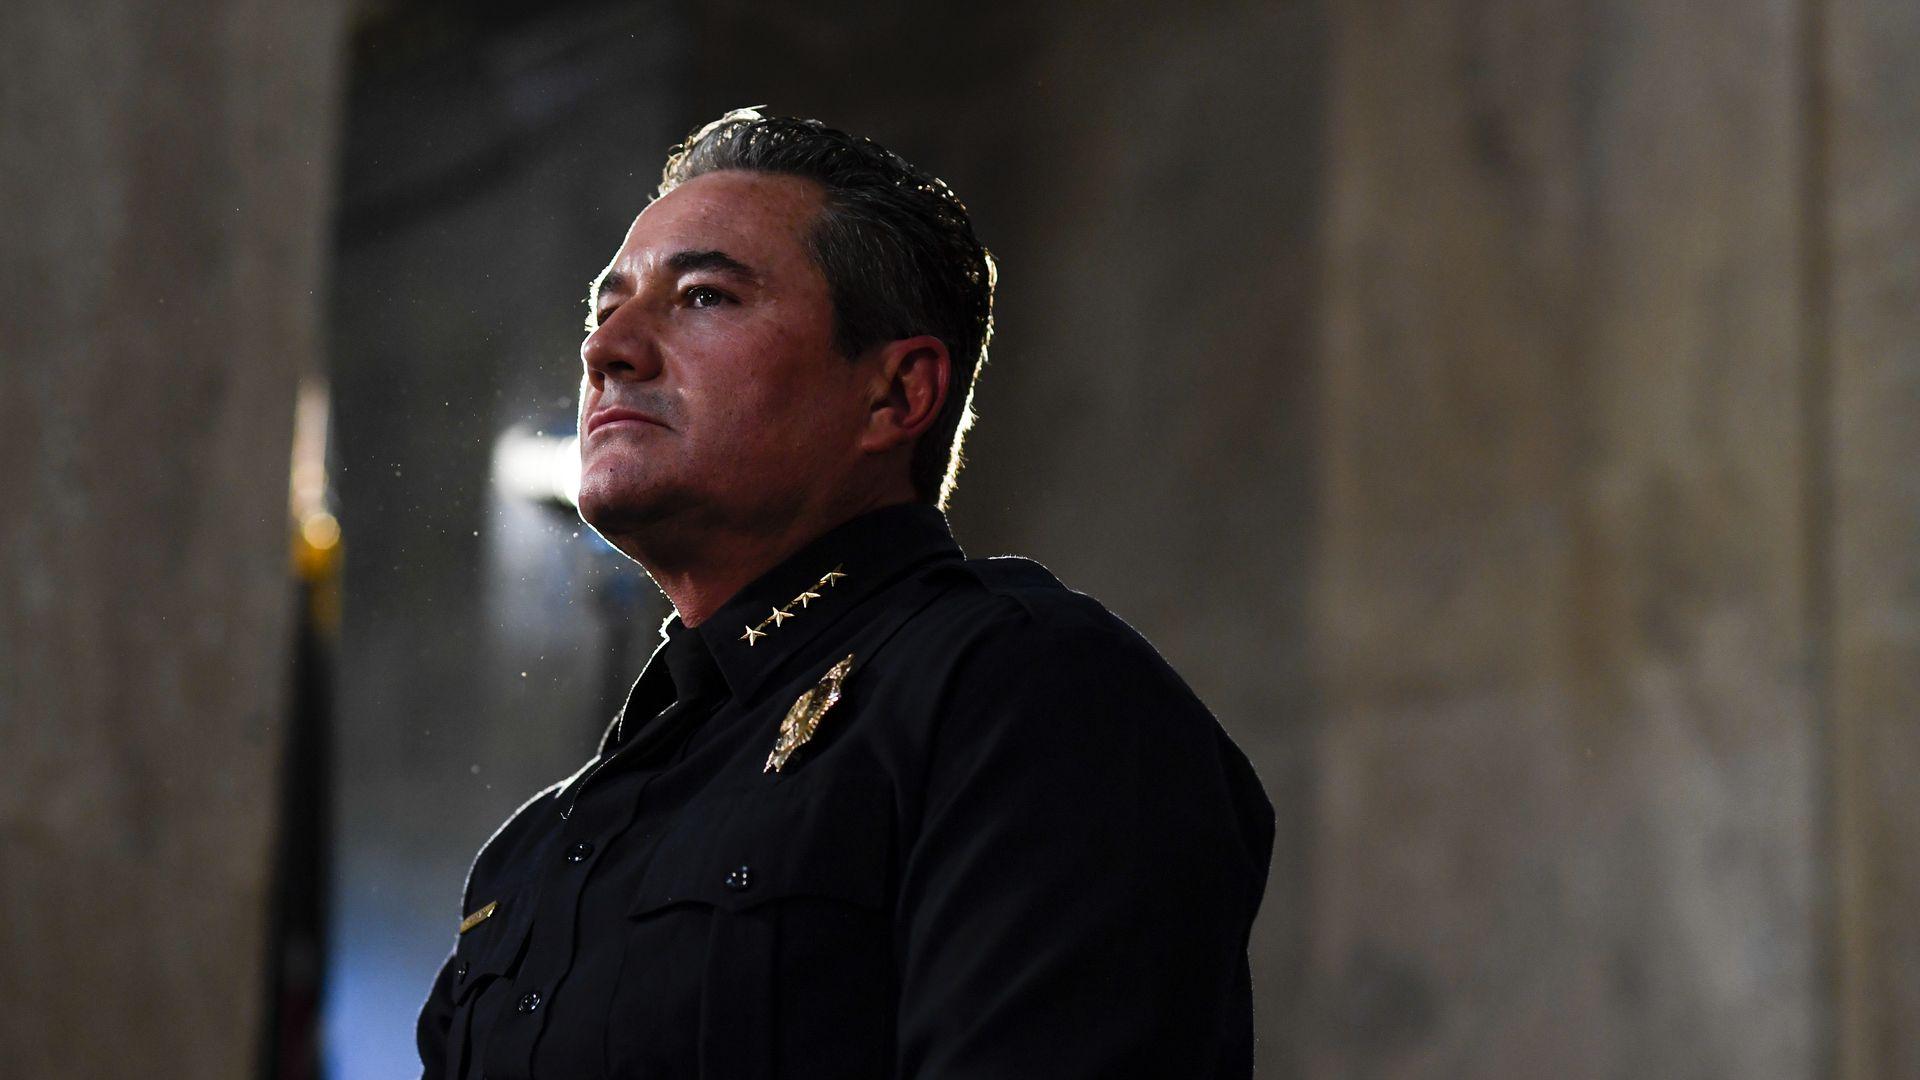 A photo of Denver police chief Paul Pazen